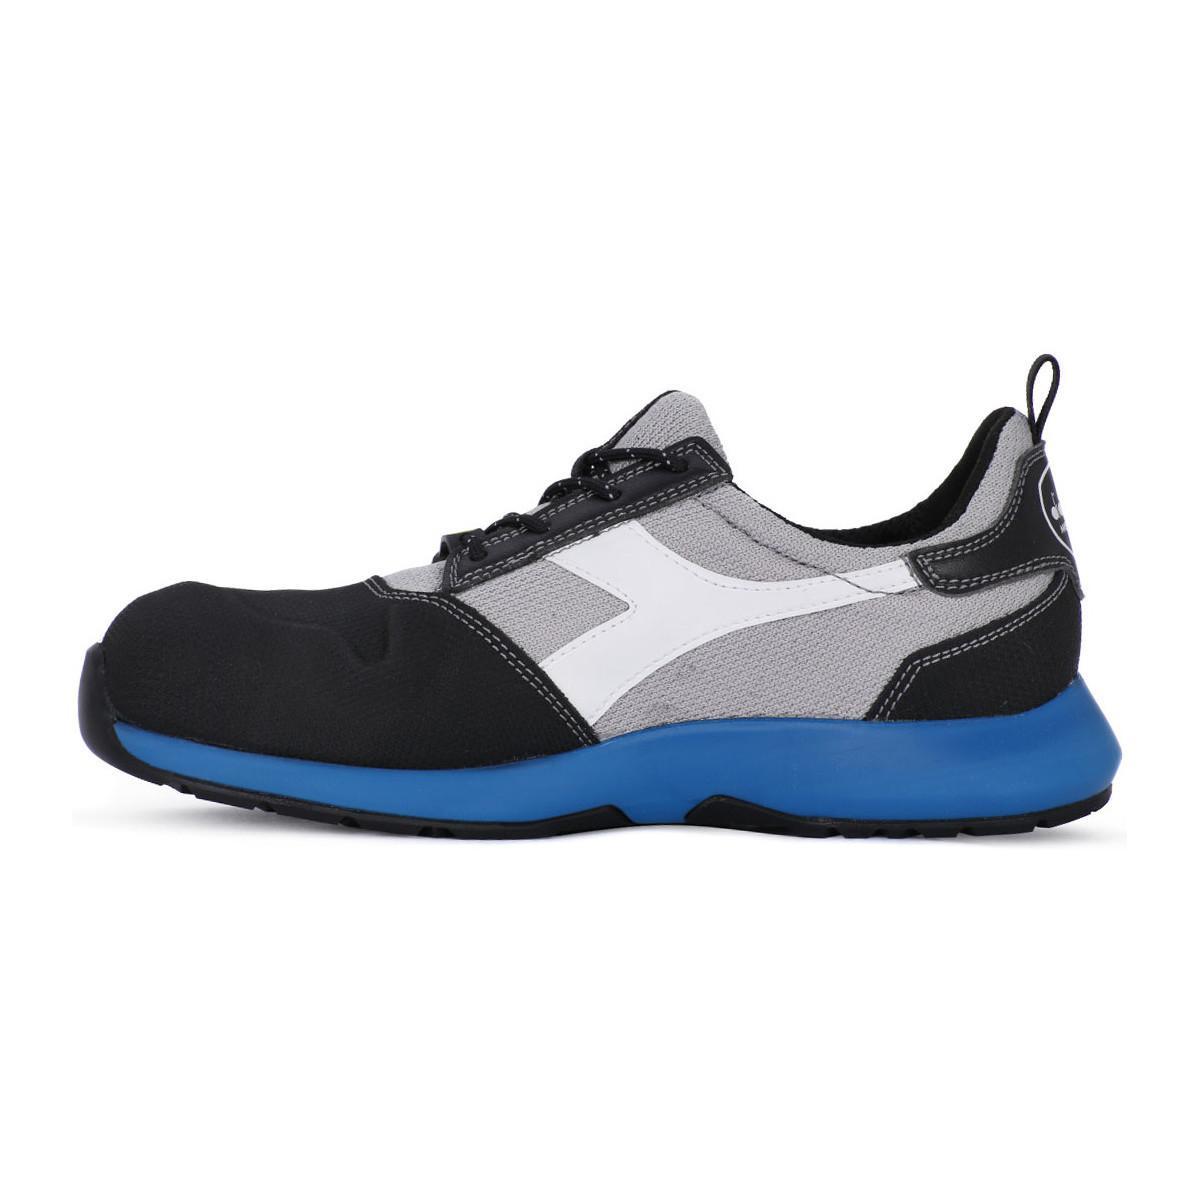 Diadora Lage Sneakers Utility D Lift Low Pro in het Zwart voor heren